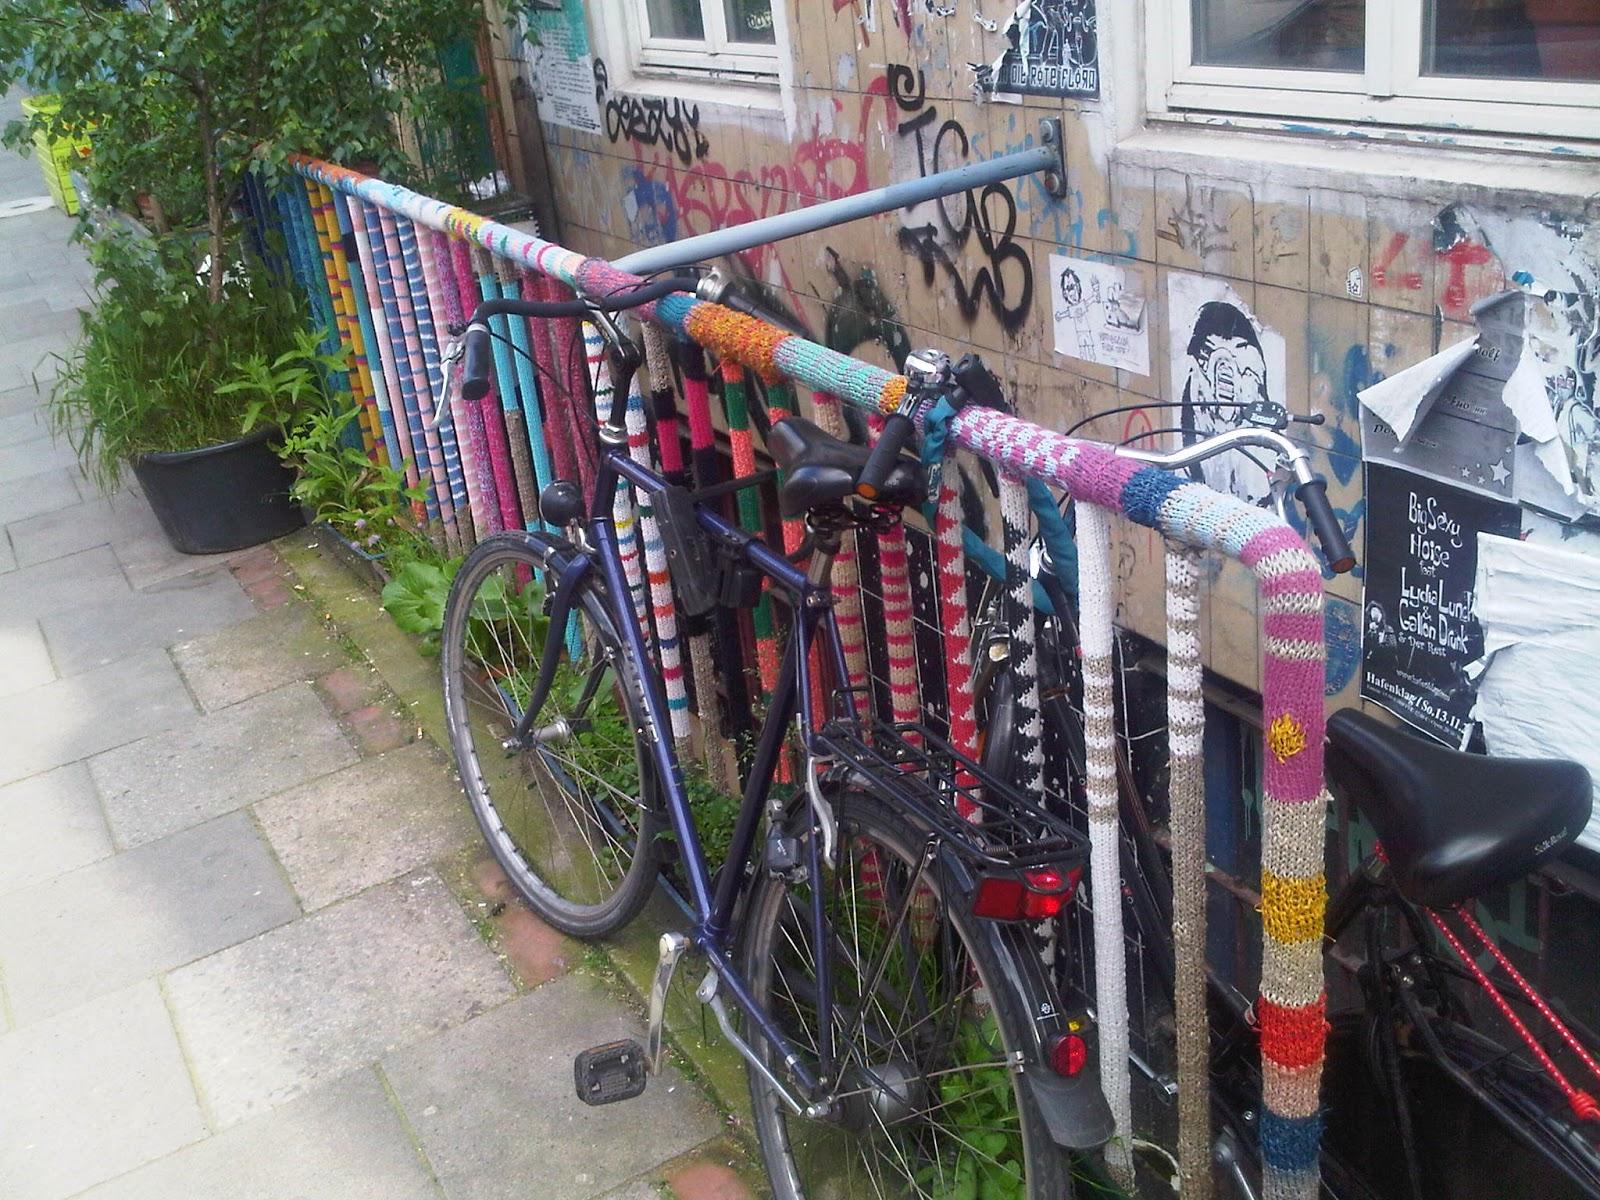 Guerilla Knitting auf St. Pauli. Geländer mit Strickwaren umwunden. Fahrräder am Geländer. Treppenabgang.